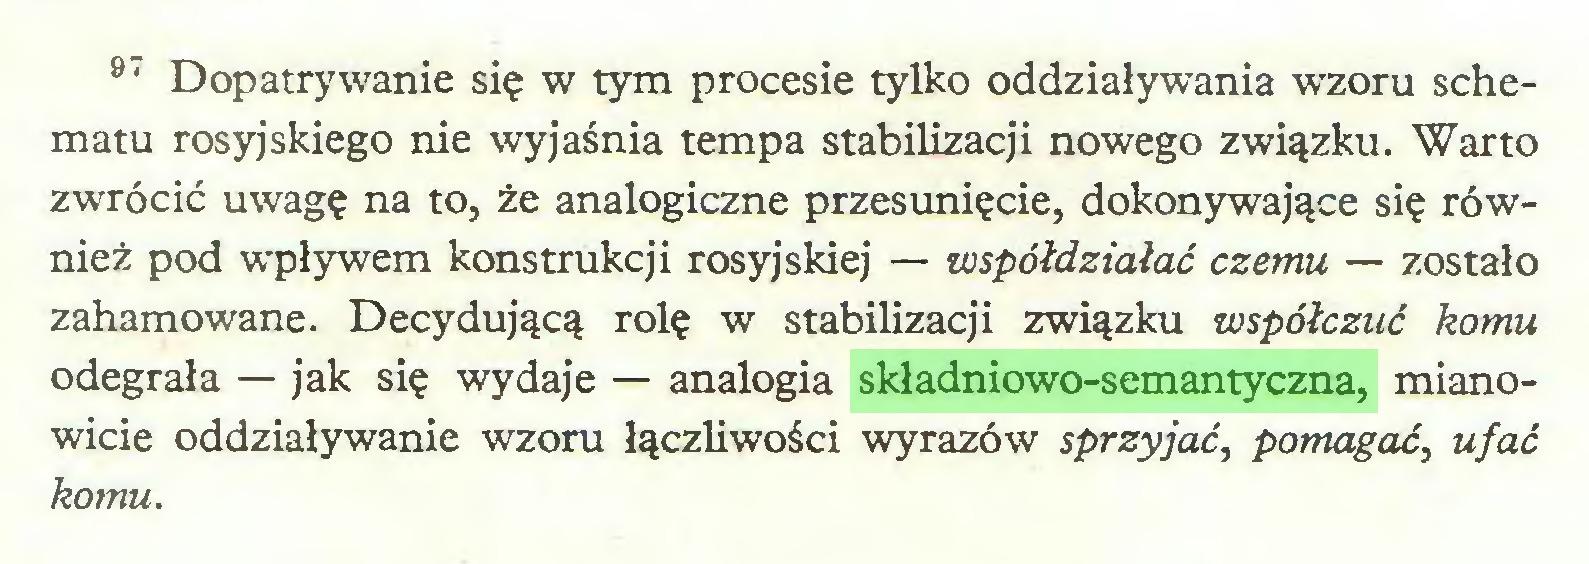 (...) 9' Dopatrywanie się w tym procesie tylko oddziaływania wzoru schematu rosyjskiego nie wyjaśnia tempa stabilizacji nowego związku. Warto zwrócić uwagę na to, że analogiczne przesunięcie, dokonywające się również pod wpływem konstrukcji rosyjskiej — współdziałać czemu — zostało zahamowane. Decydującą rolę w stabilizacji związku współczuć komu odegrała — jak się wydaje — analogia składniowo-semantyczna, mianowicie oddziaływanie wzoru łączliwości wyrazów sprzyjać, pomagać, ufać komu...